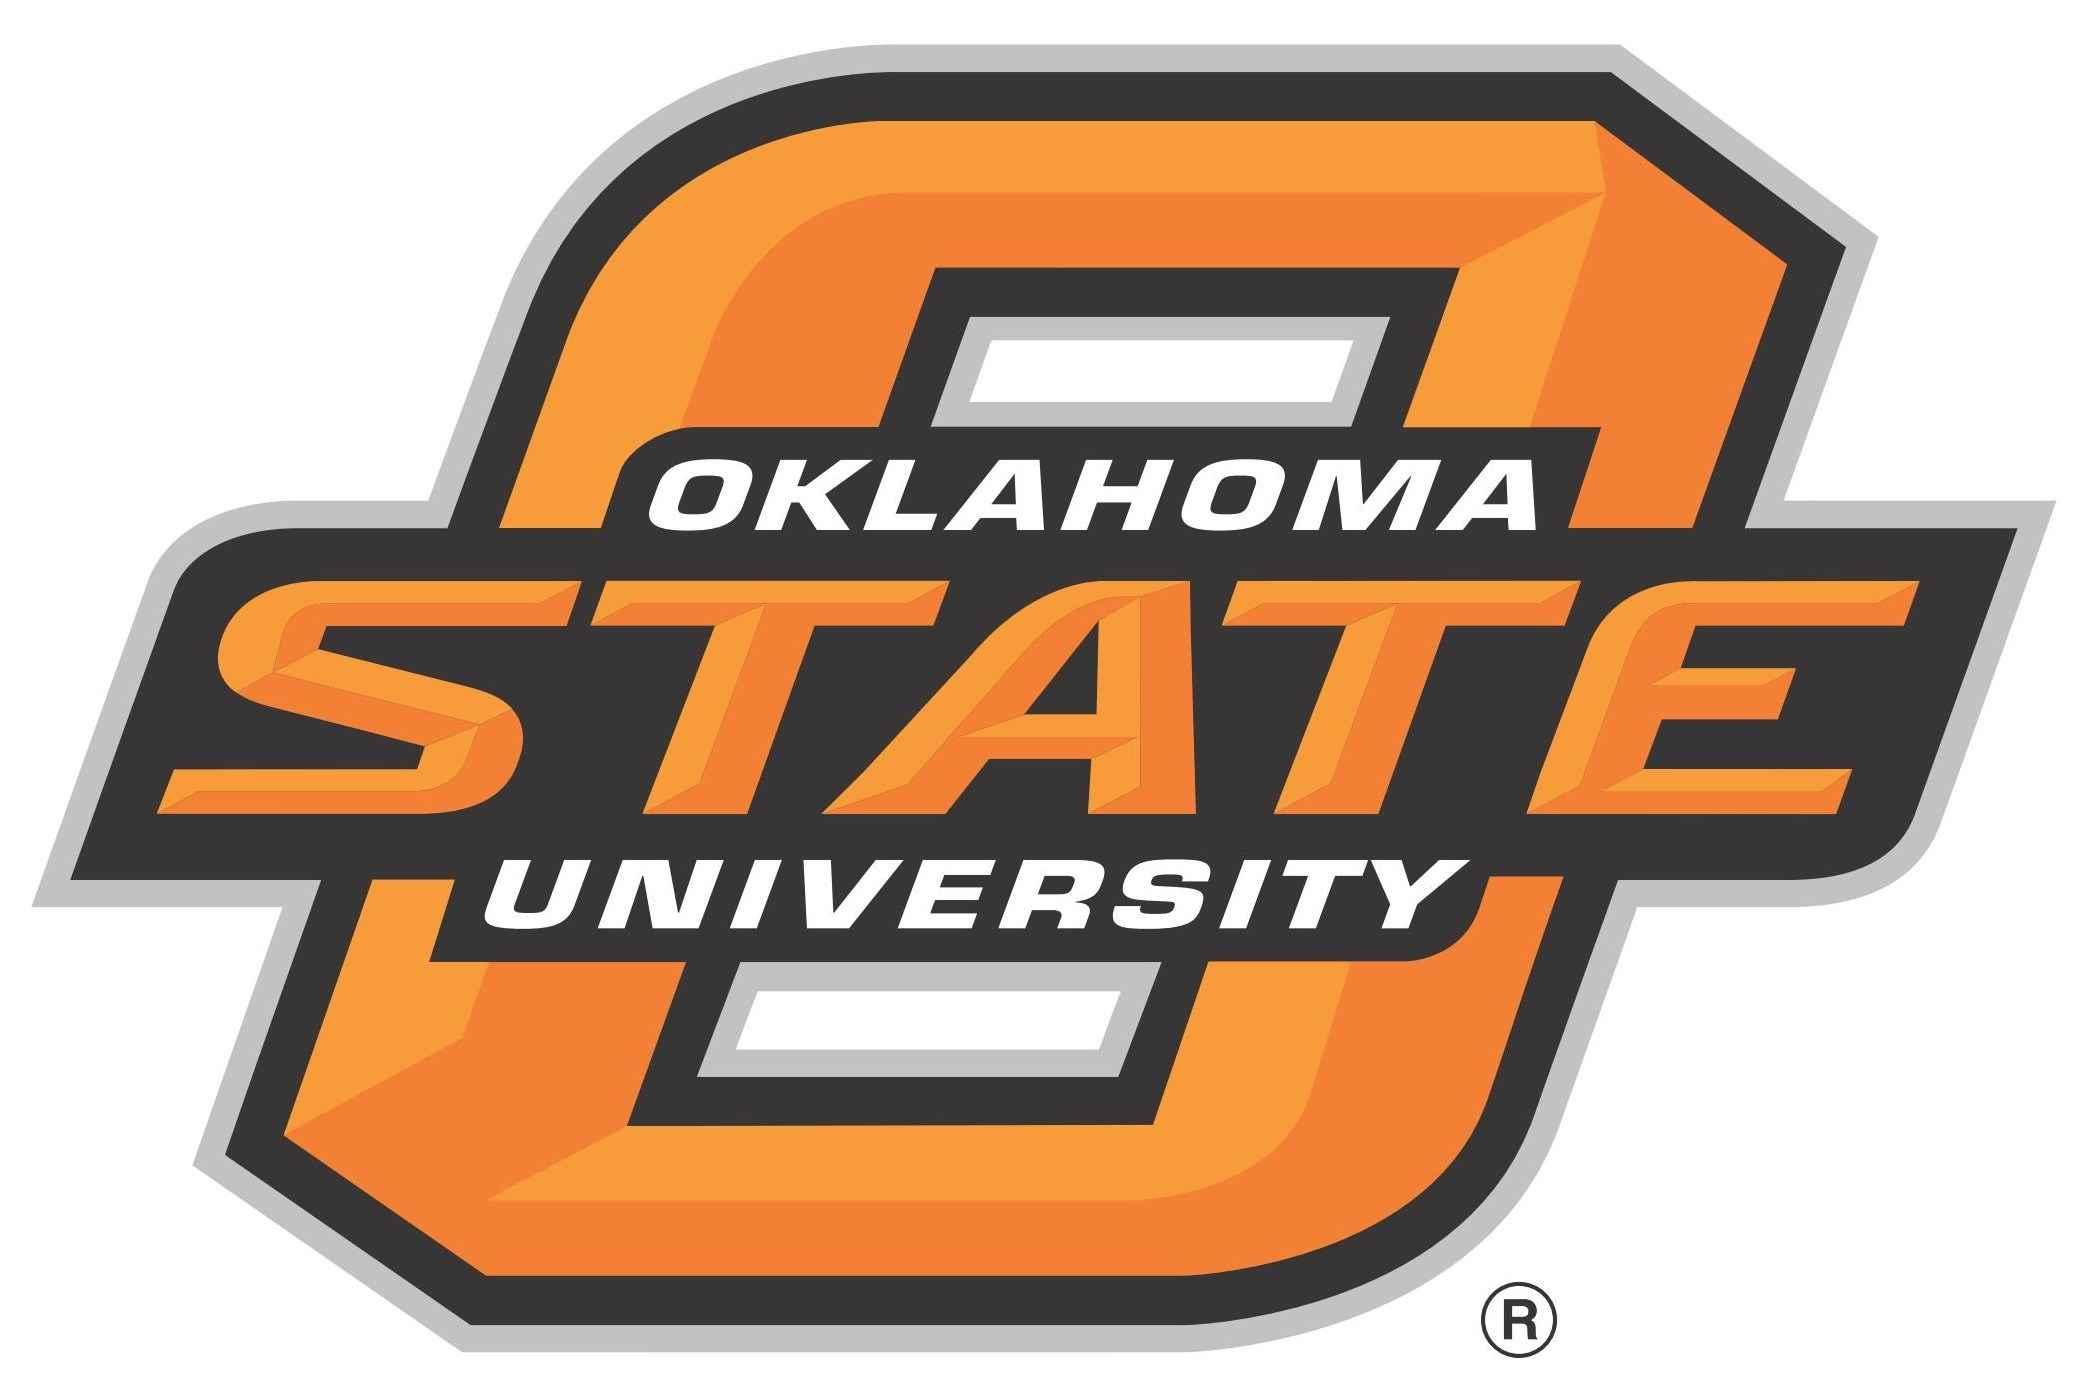 Osu – oklahoma state university logo eps file